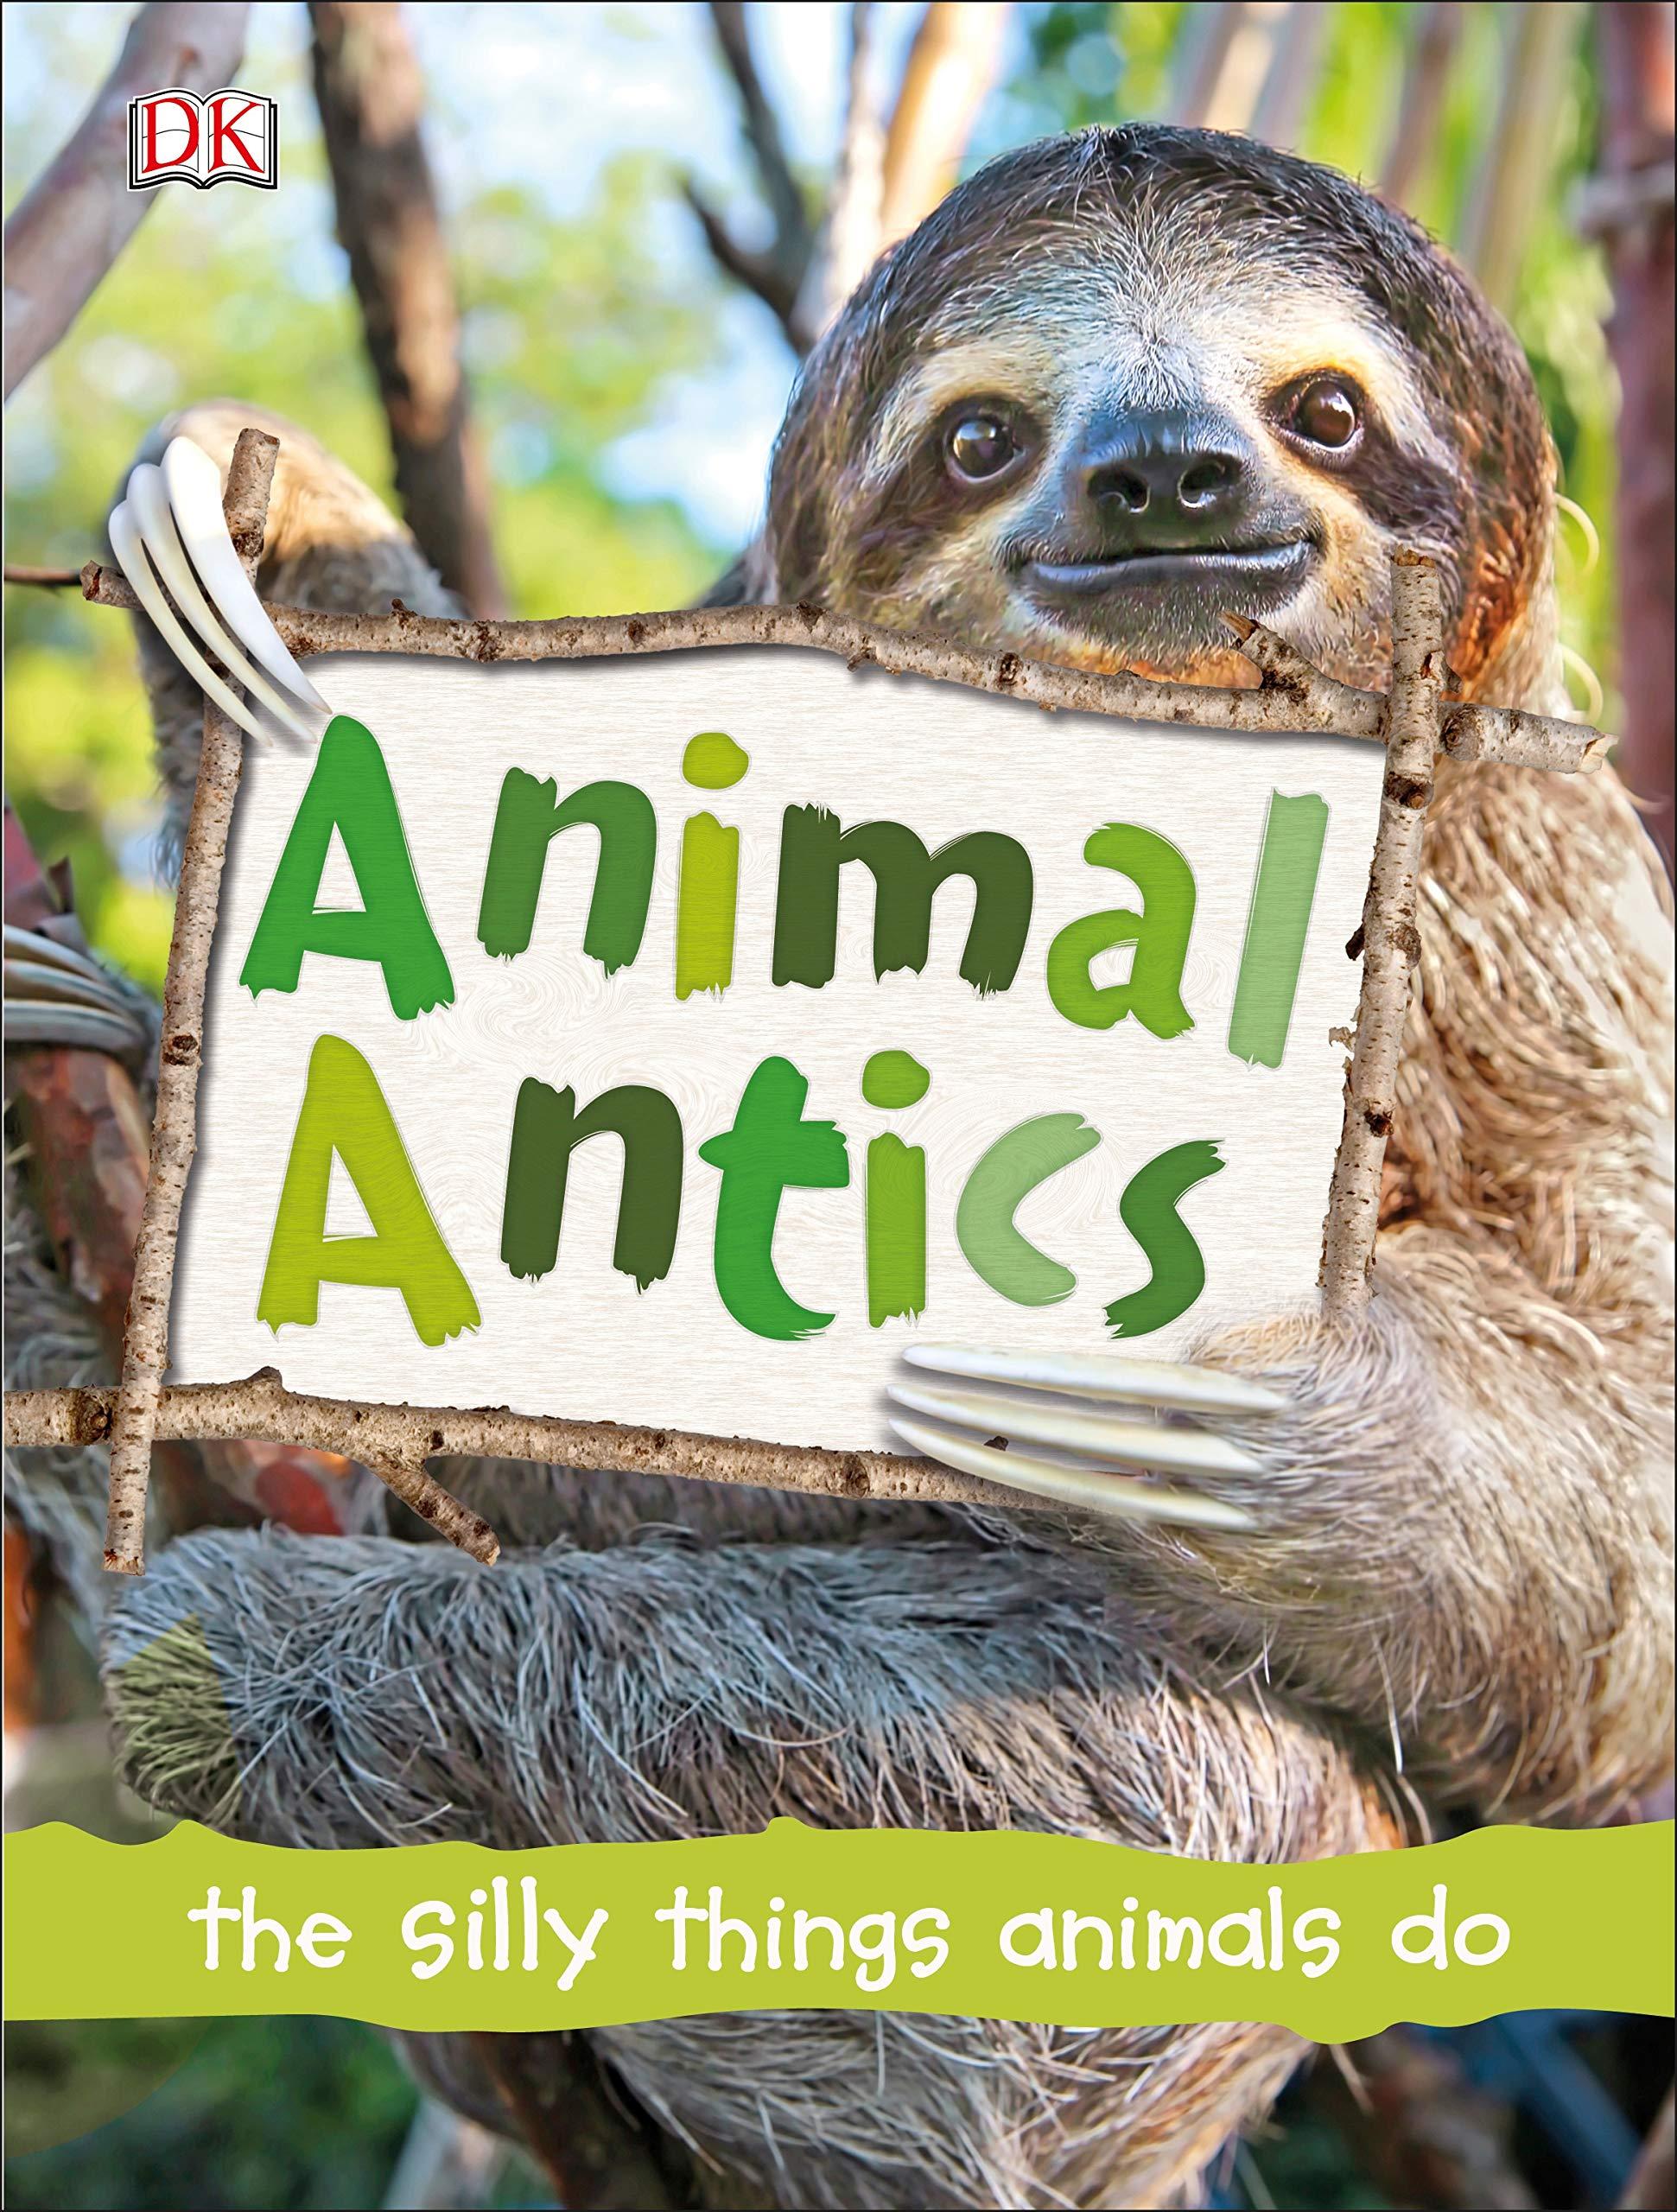 Animal Antics: Amazon.es: Dk: Libros en idiomas extranjeros